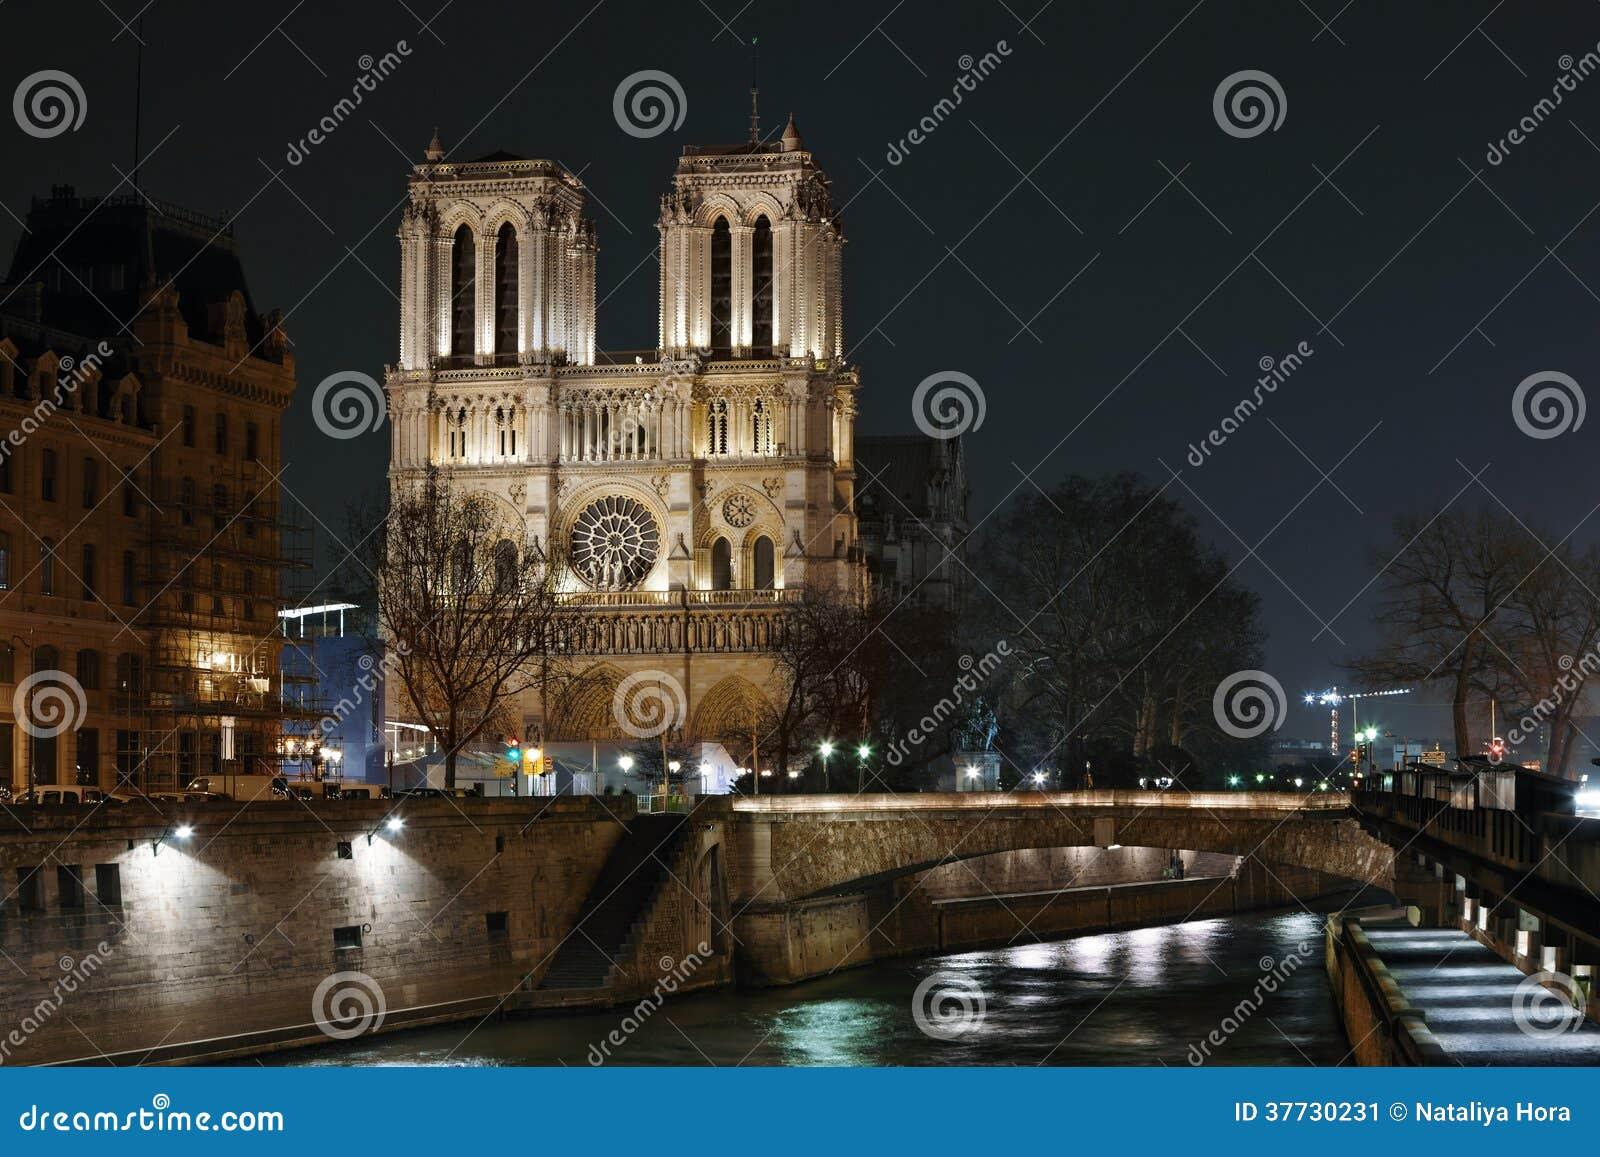 大教堂巴黎圣母院夜视图.